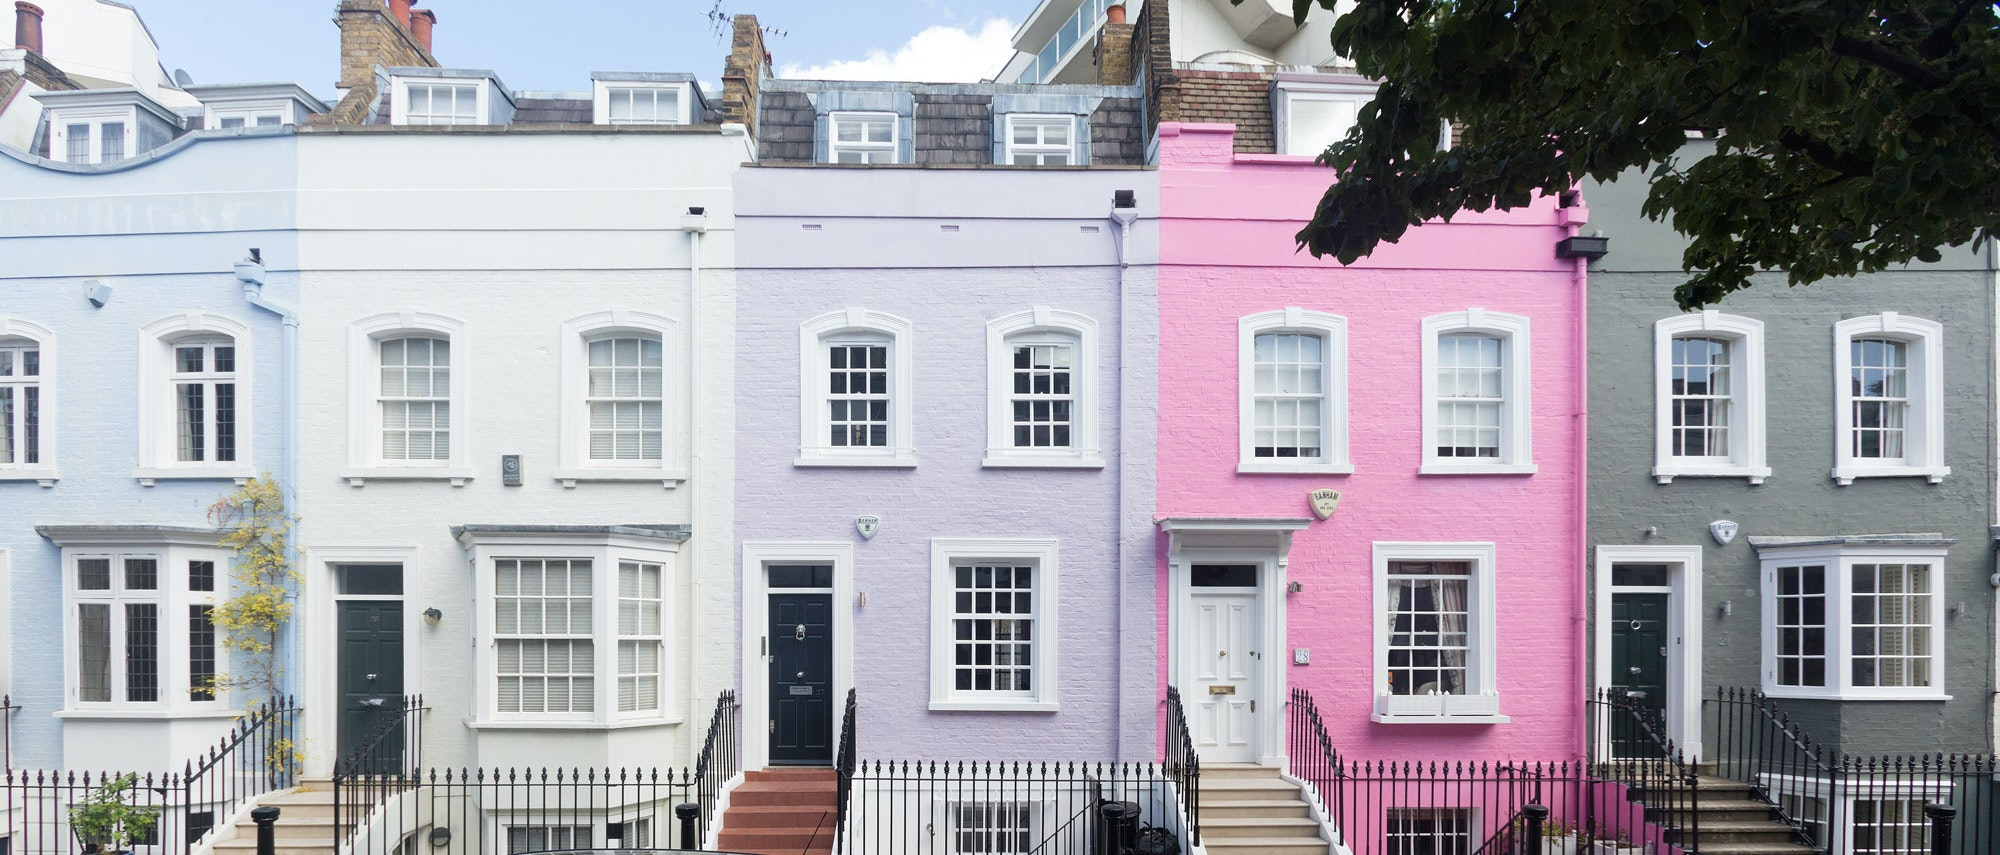 Notting Hill Neighbourhood Guide The Plum Guide